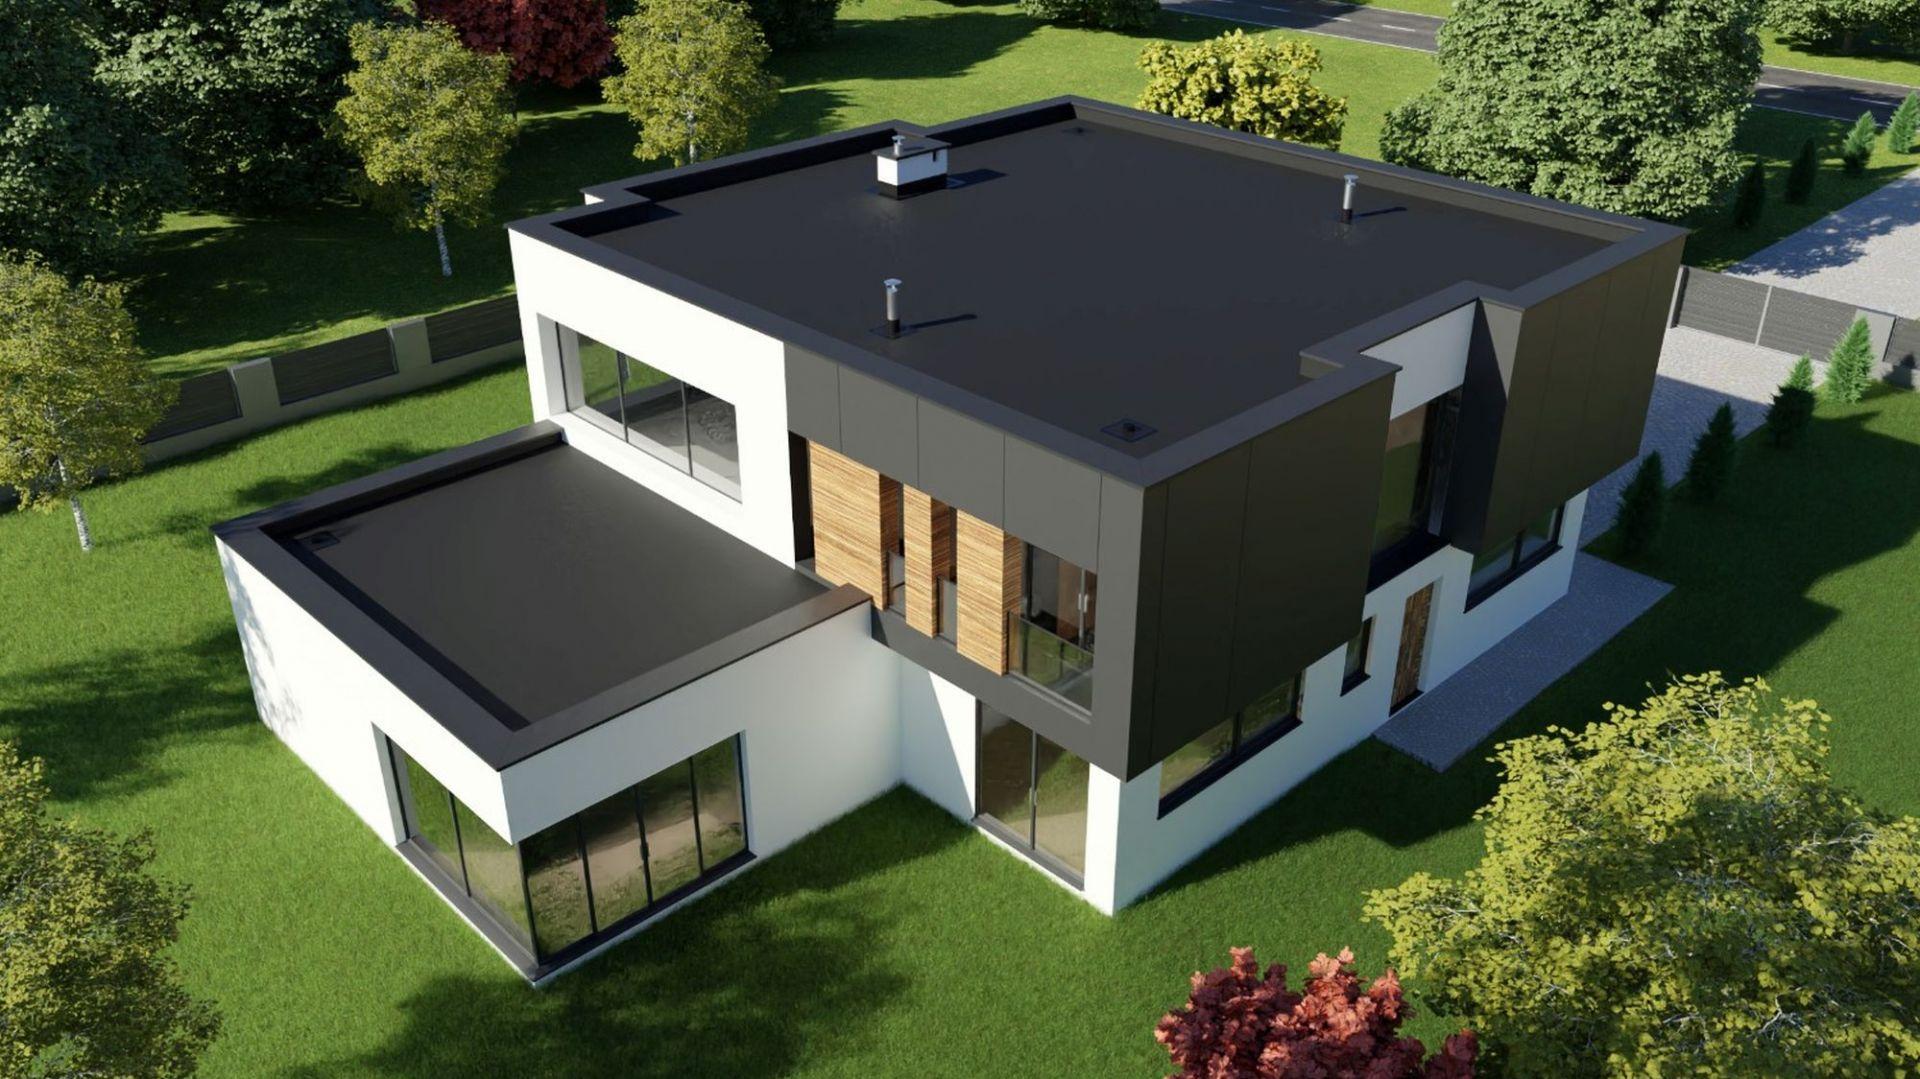 Nowoczesny dach płaski.  Odprowadzenie wody za pomocą systemu Galeco Dachy płaskie. Fot. Galeco